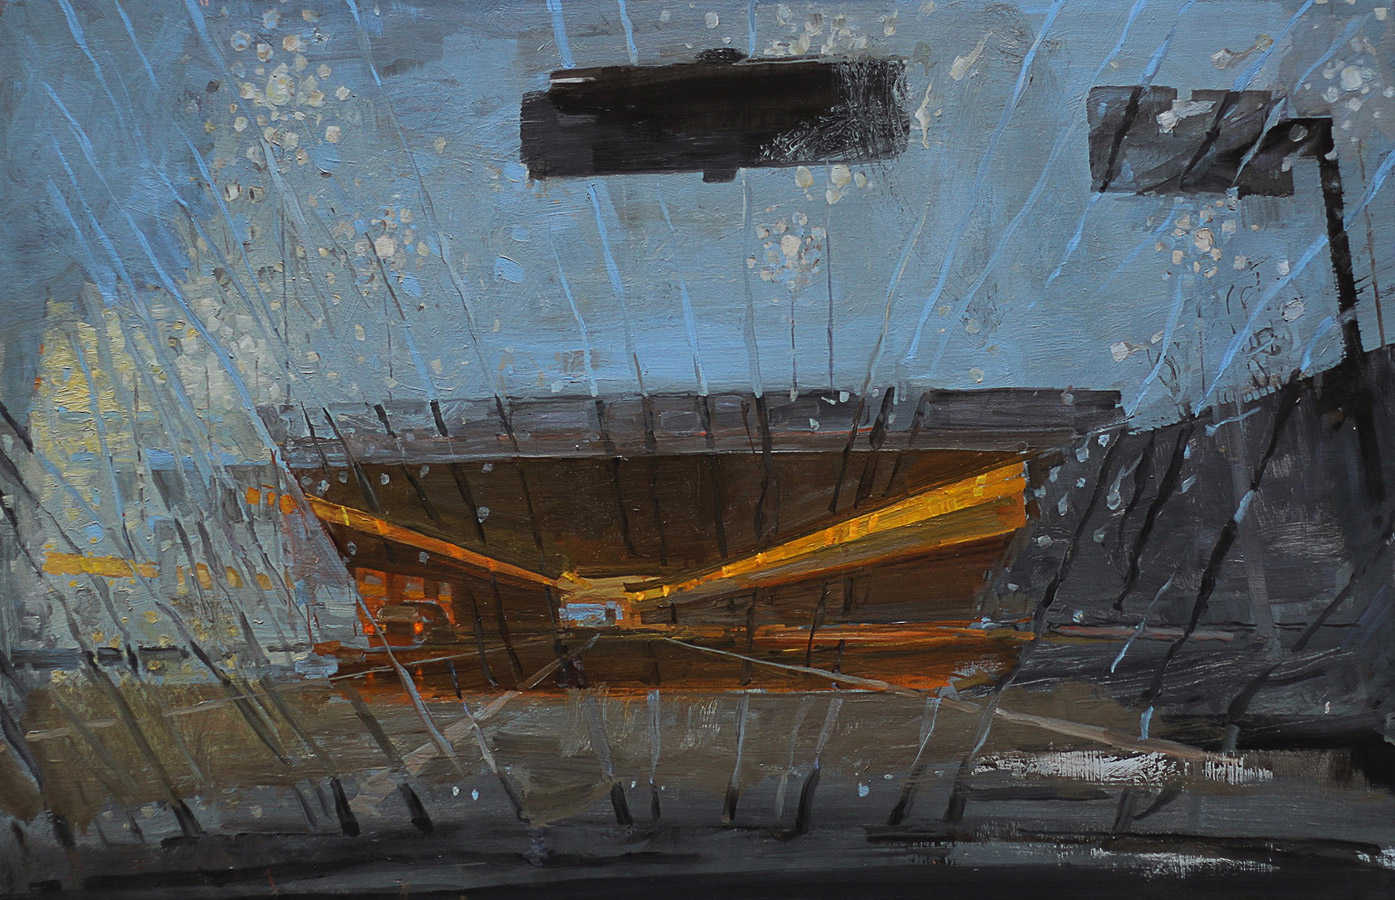 Pluies 1. Huile sur toile, 60 x 100 cm, 2010